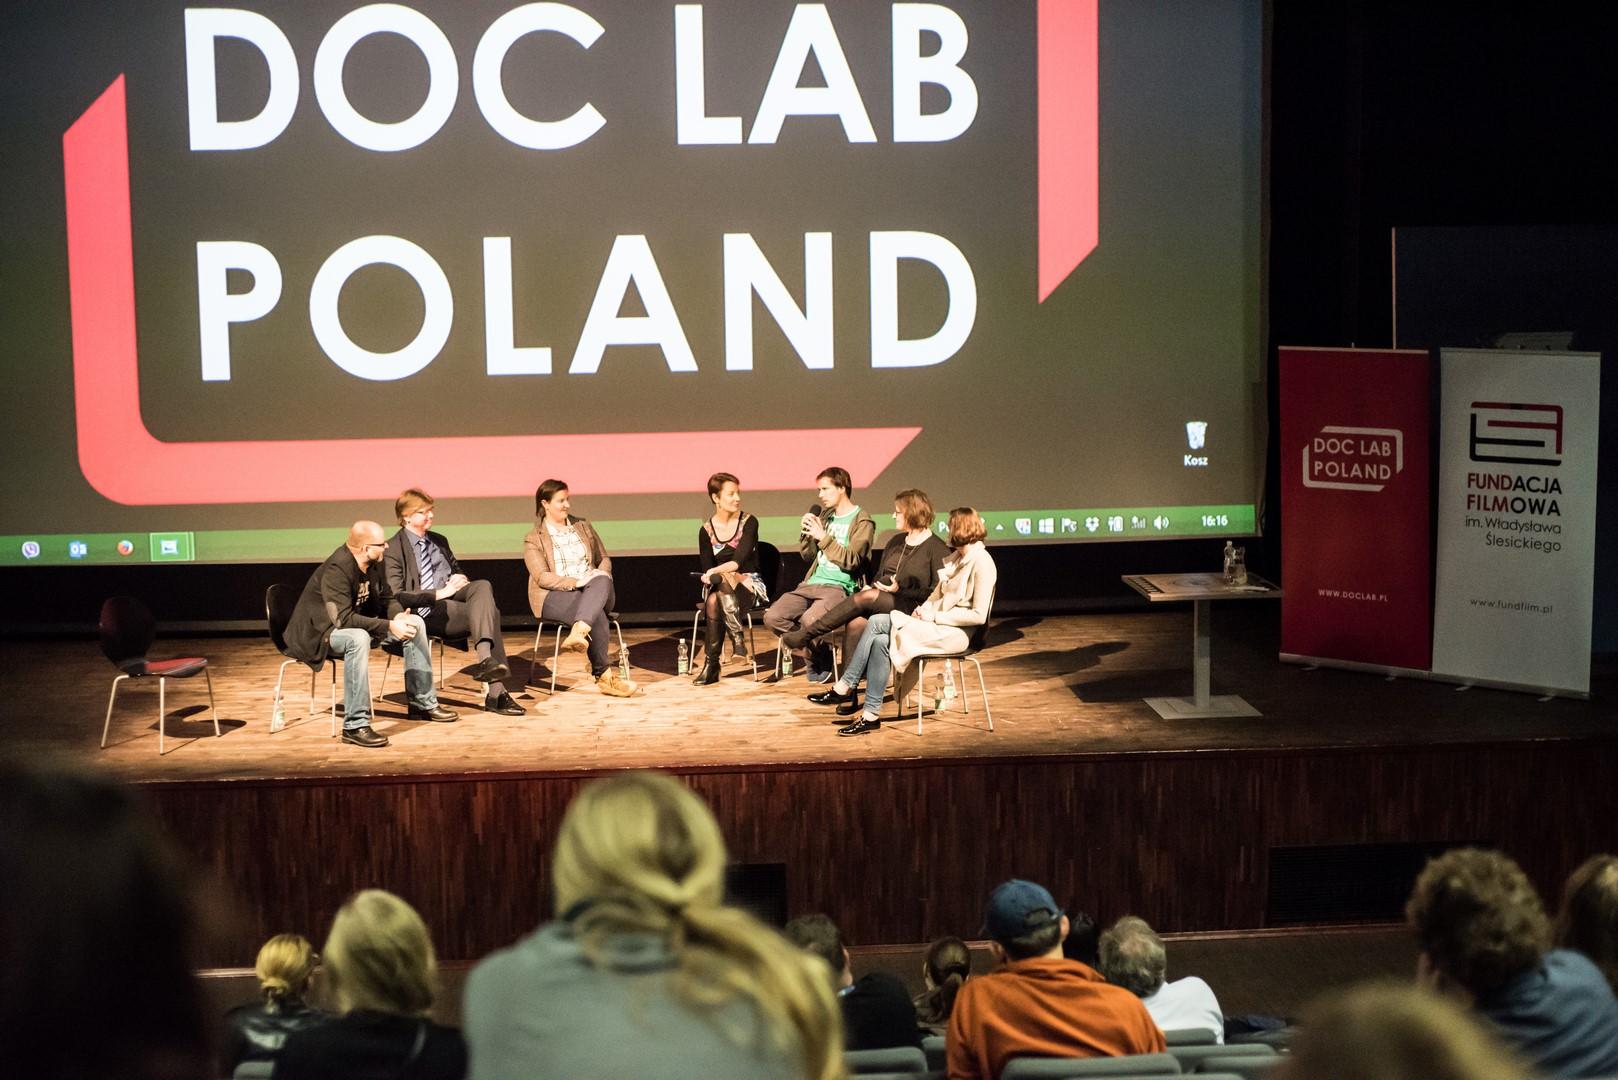 Doc Lab Poland – dyskusja, fotografia (źródło: materiały prasowe organizatora)